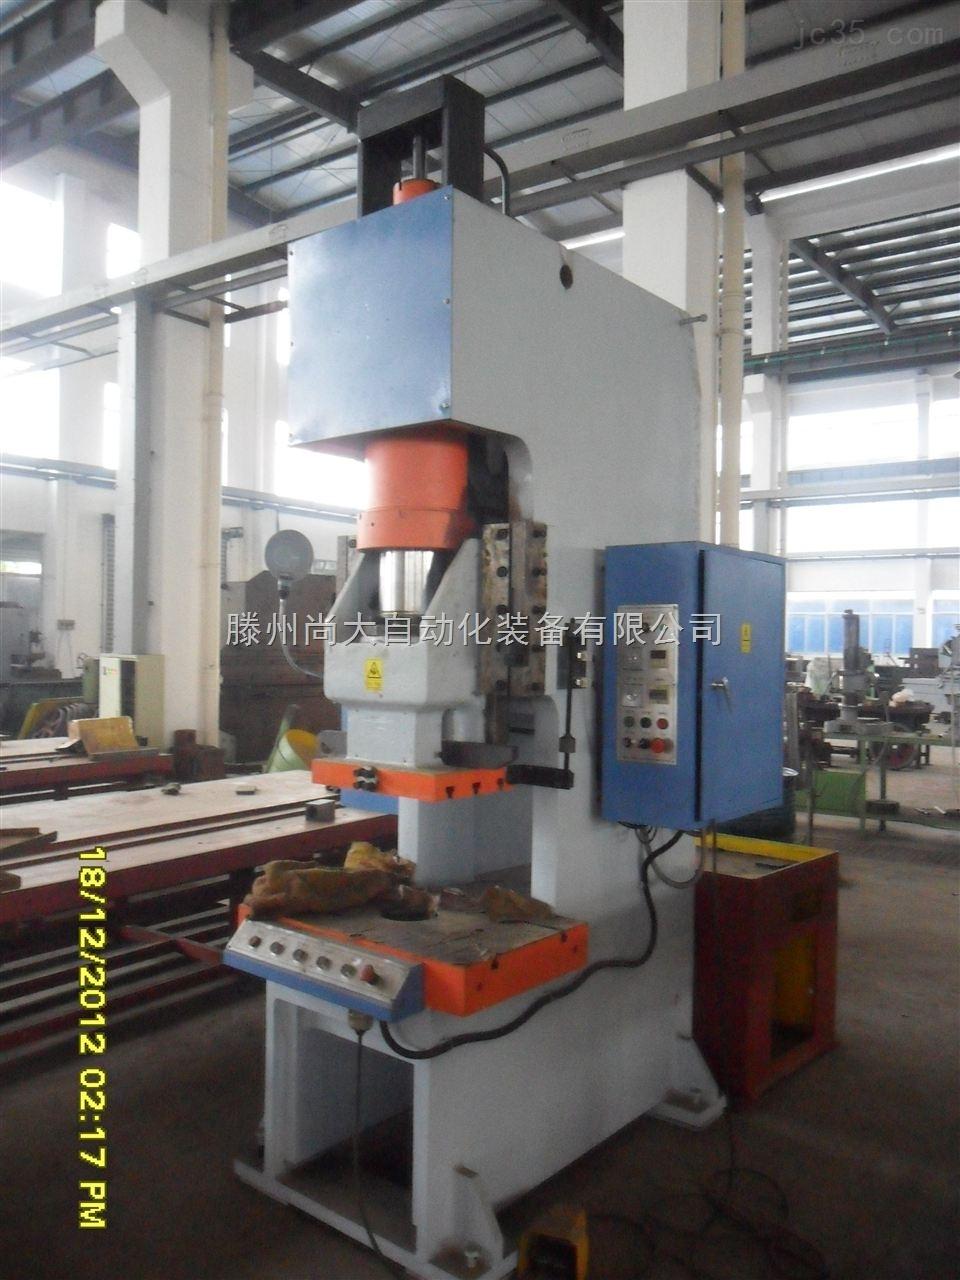 150吨200t数控型液压冲床机 单柱虎口式液压冲床 厂家直销可定制